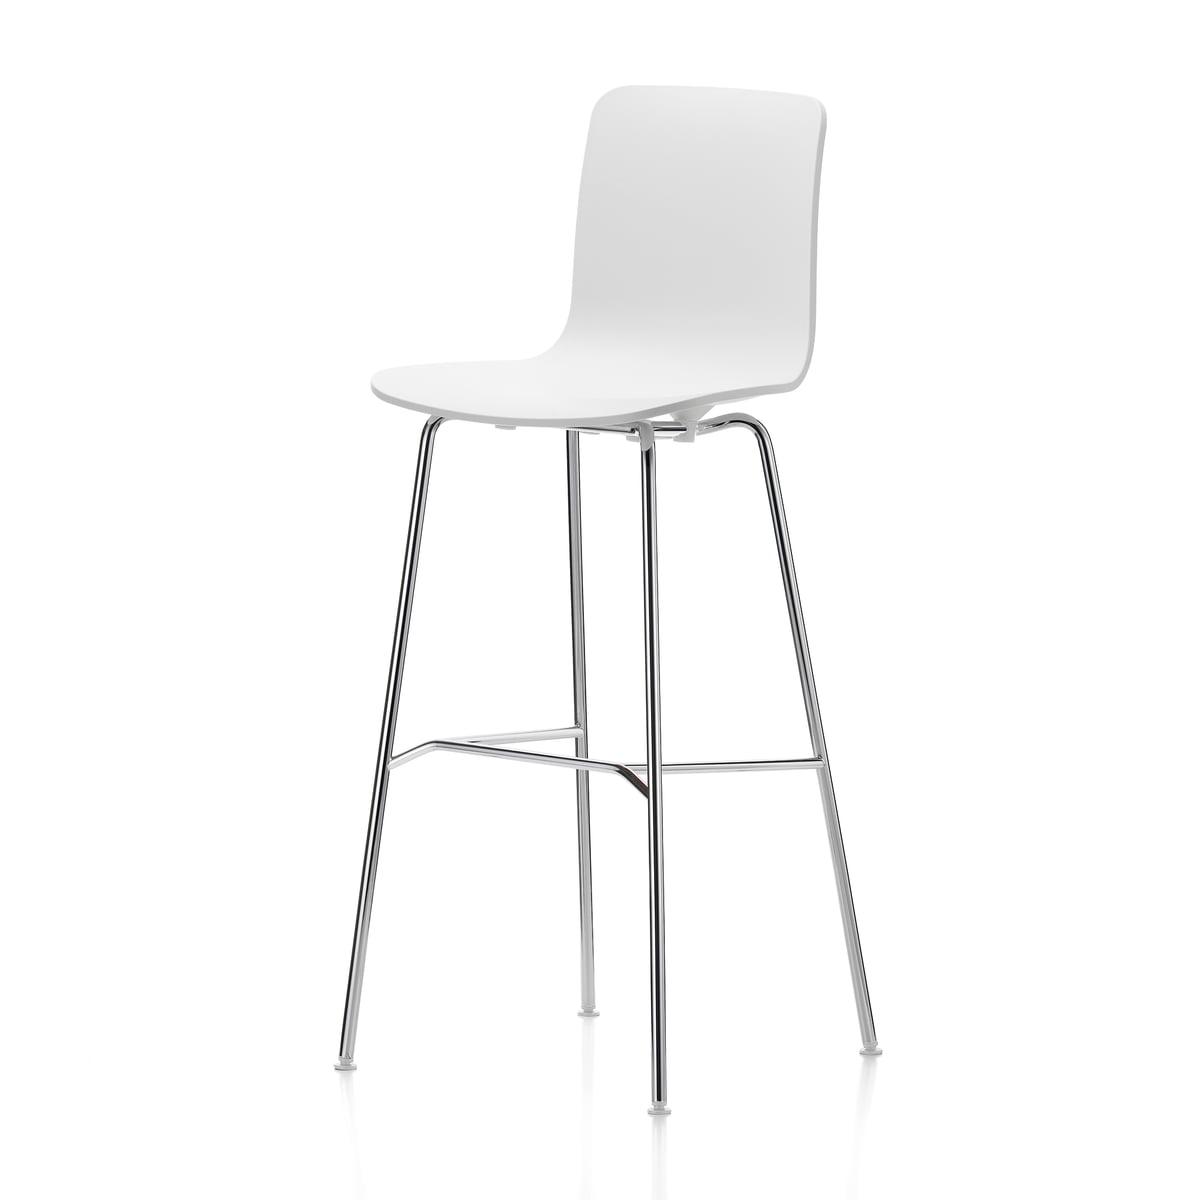 hal bar stool vitra shop. Black Bedroom Furniture Sets. Home Design Ideas